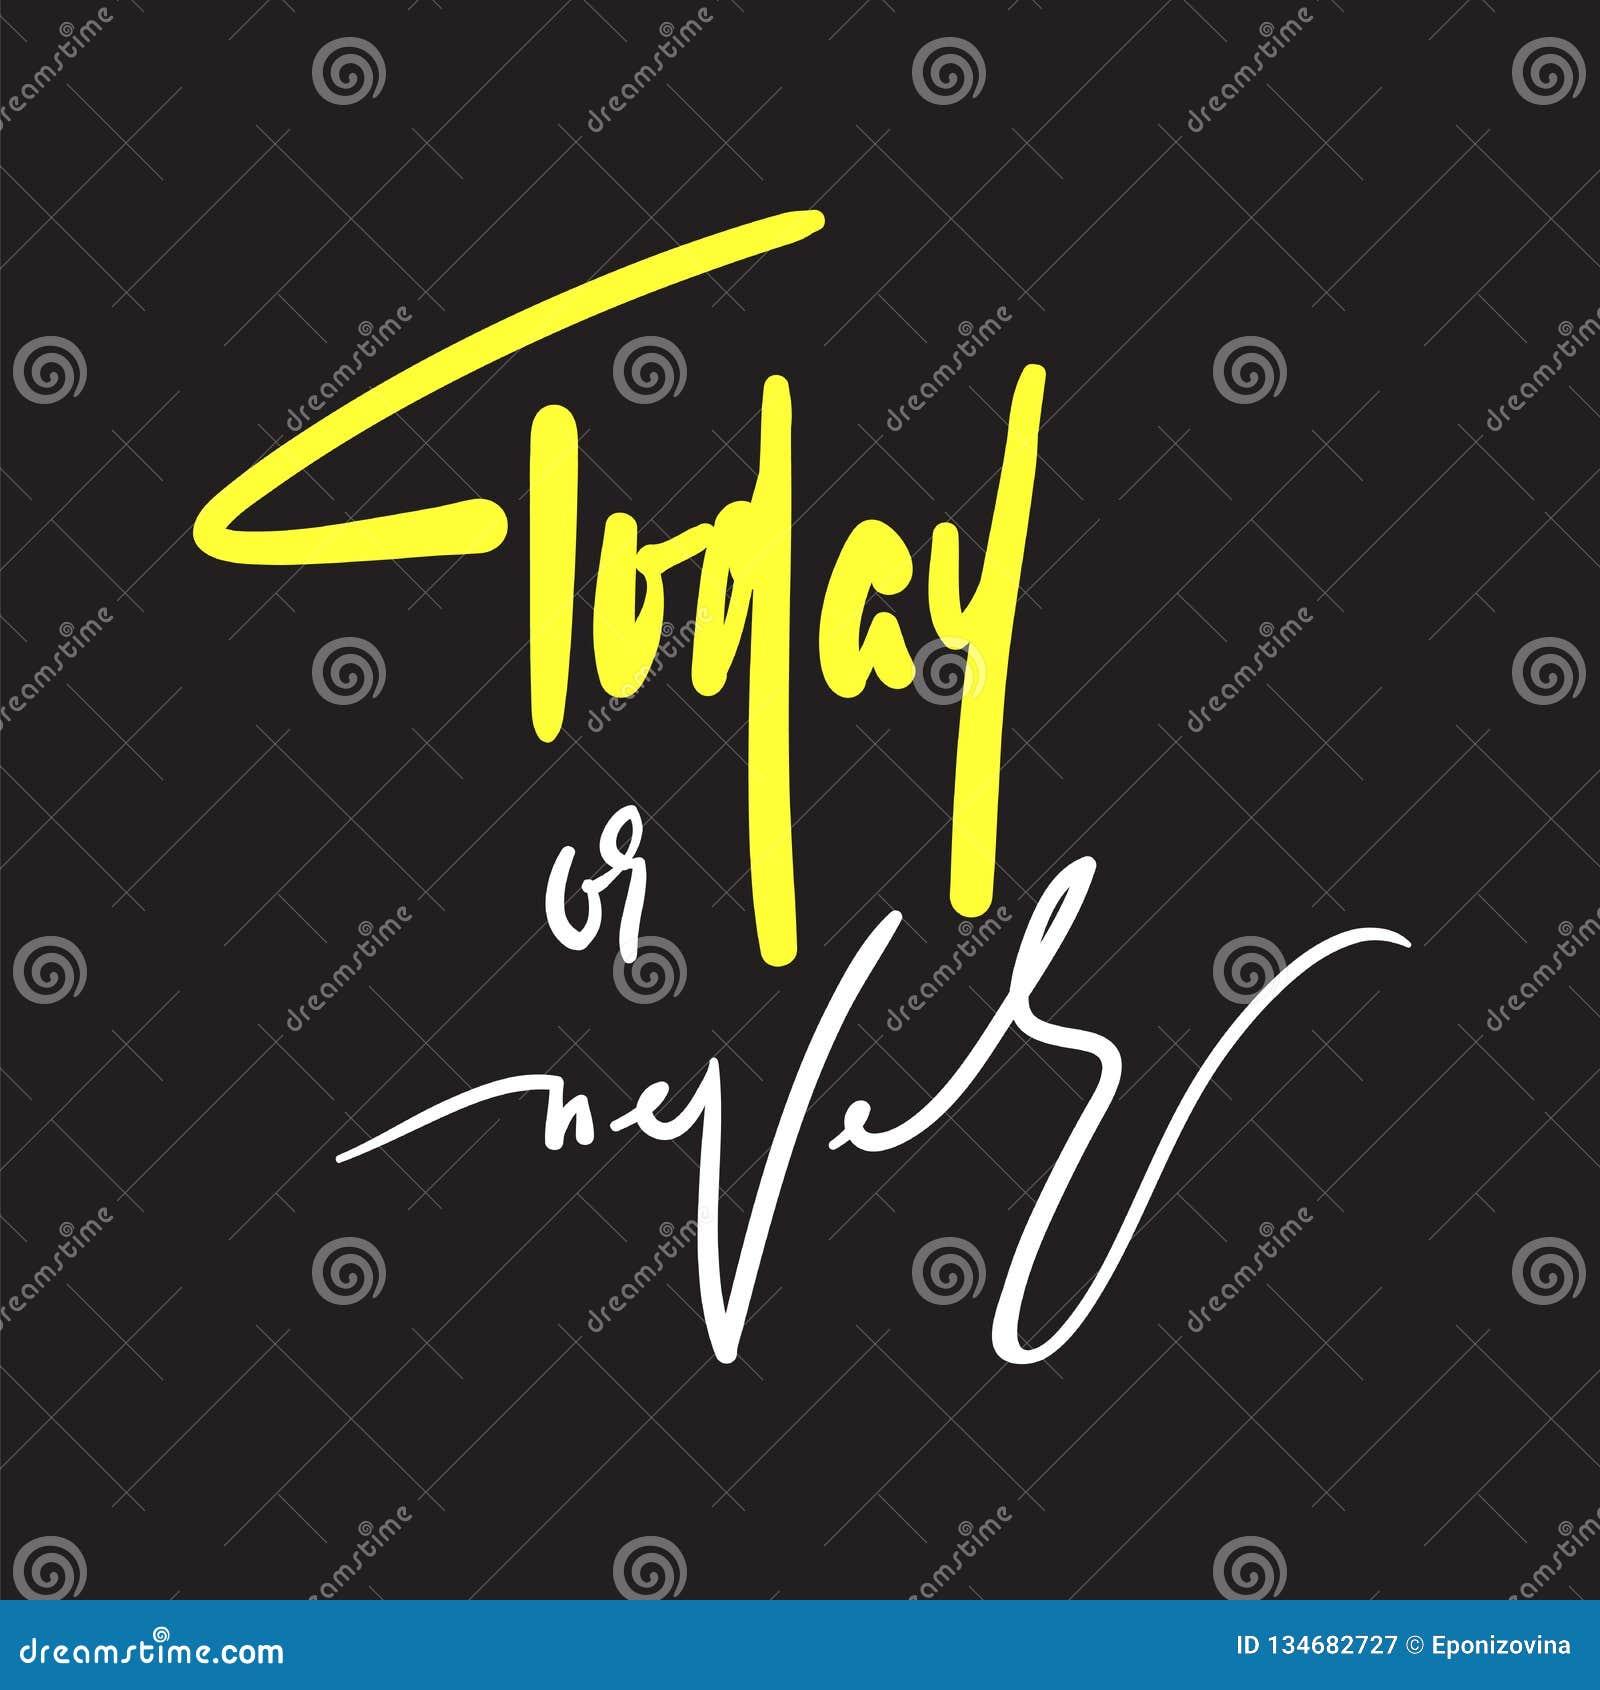 Oggi o mai - ispiri e citazione motivazionale Bella iscrizione disegnata a mano